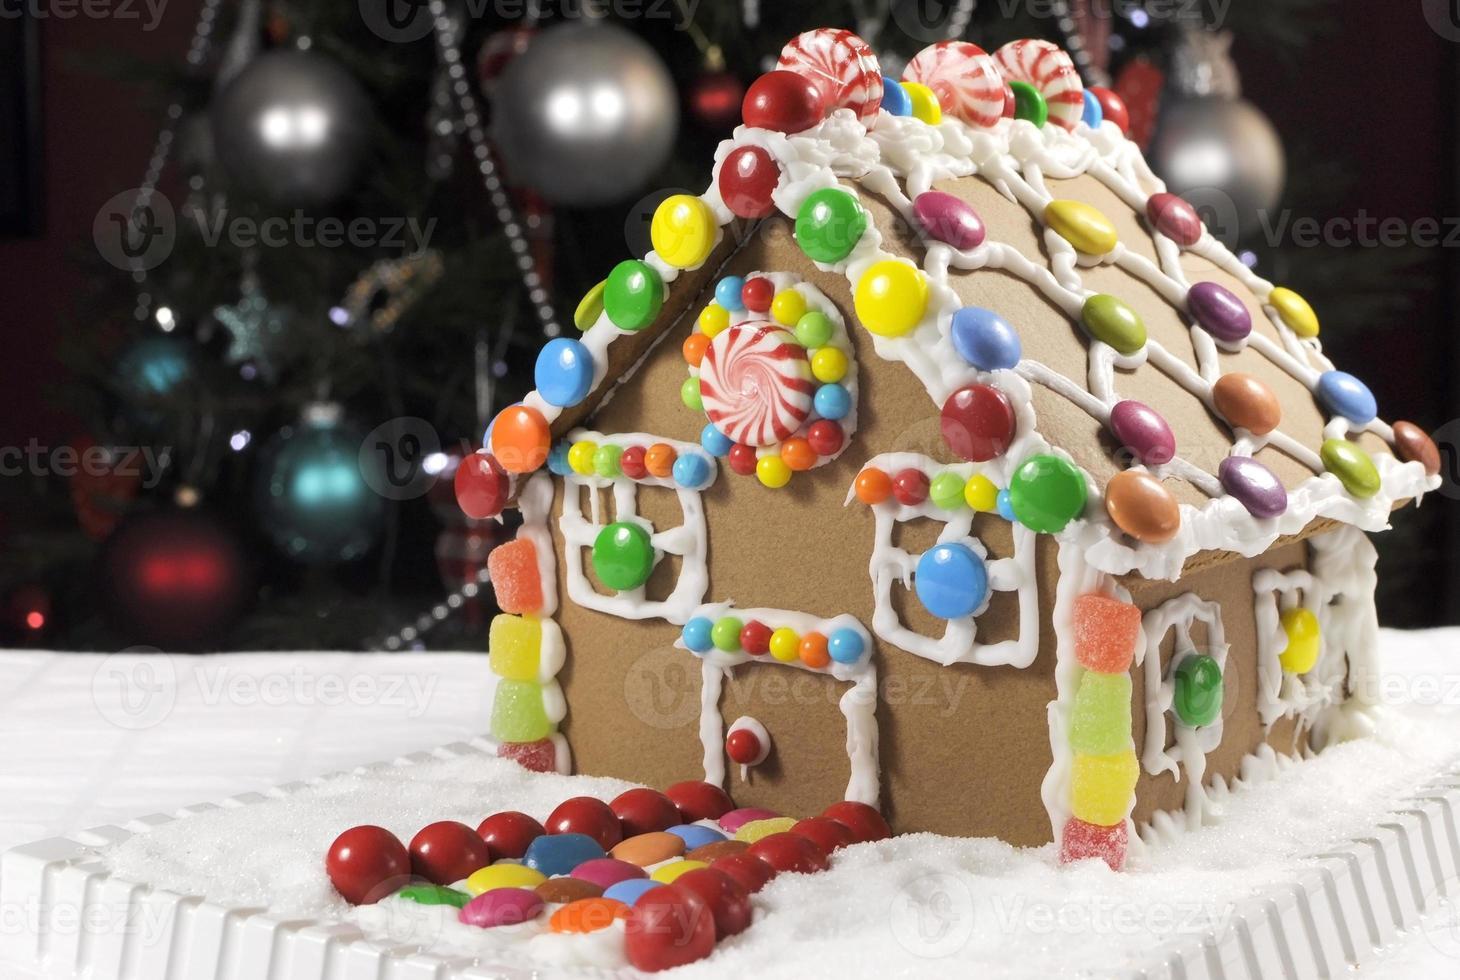 Weihnachts Lebkuchenhaus mit Zuckerguss und Süßigkeiten gemacht. foto